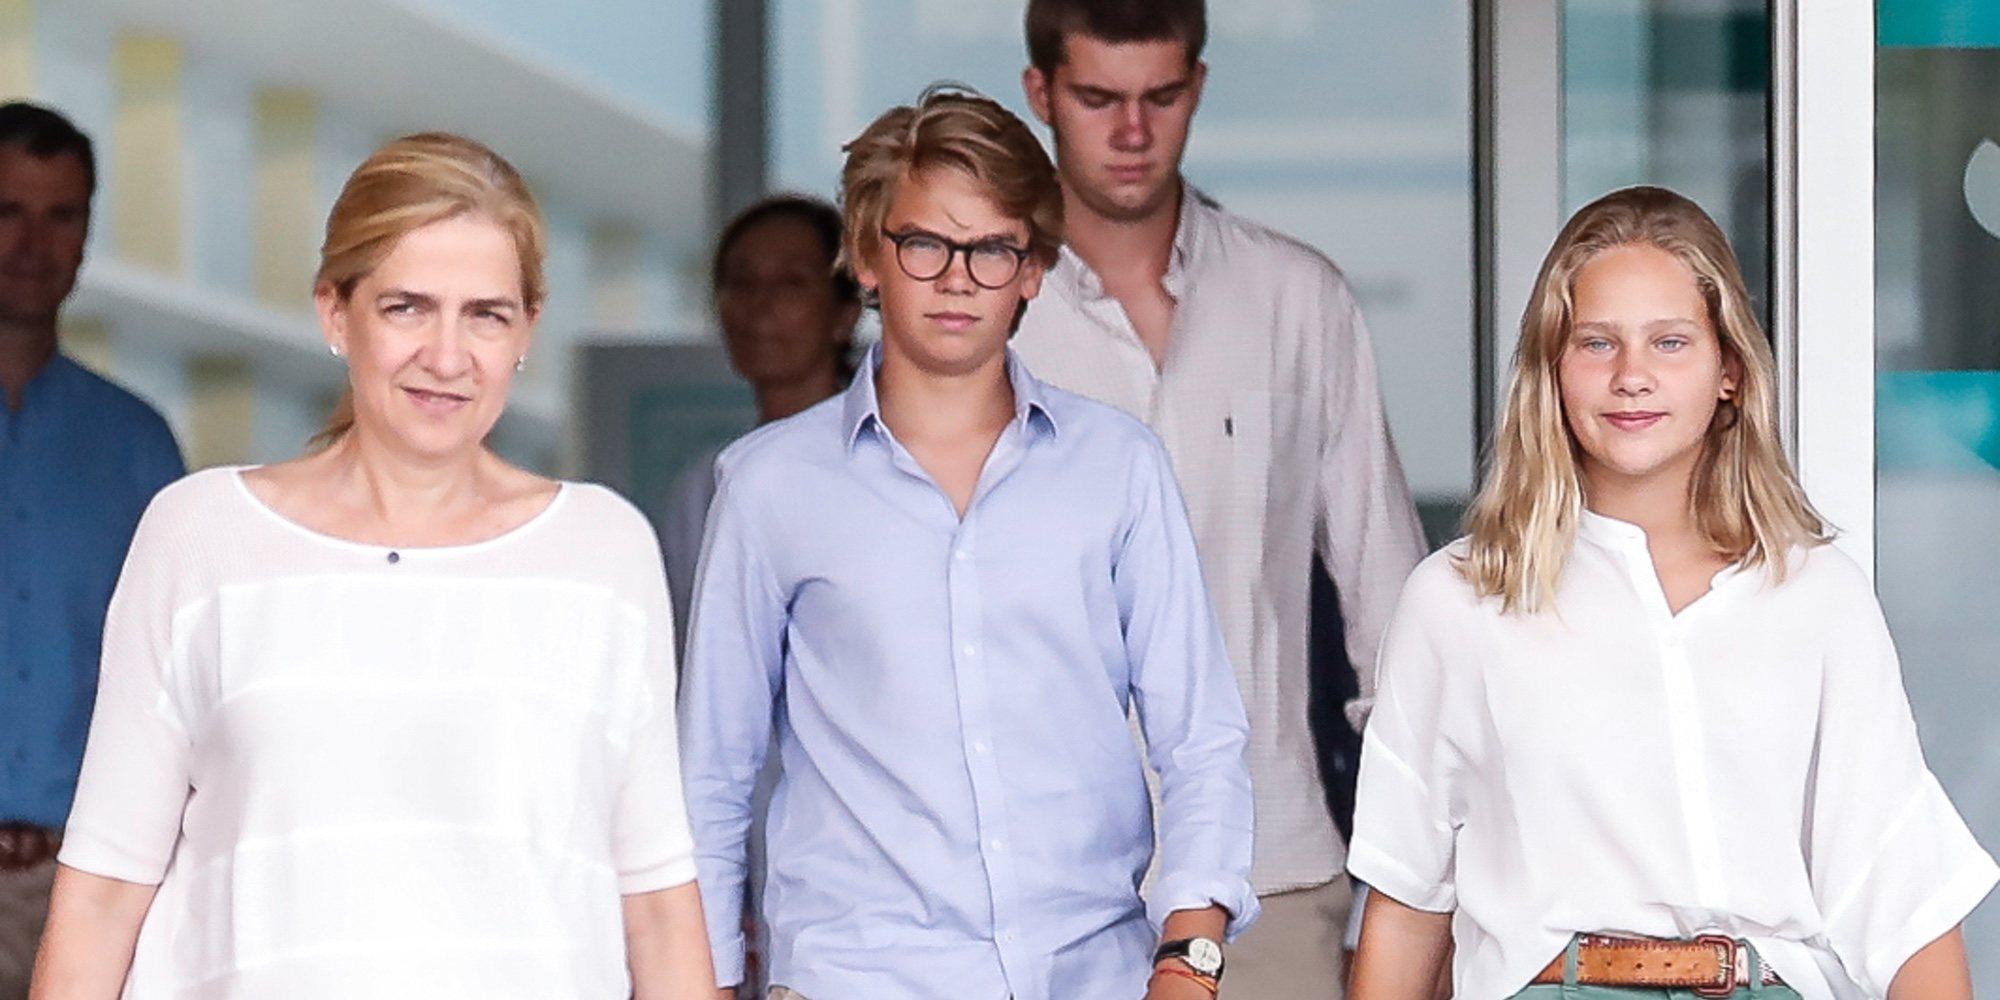 La Infanta Cristina y sus hijos Juan, Miguel e Irene Urdangarin reaparecen para visitar al Rey Juan Carlos en el hospital